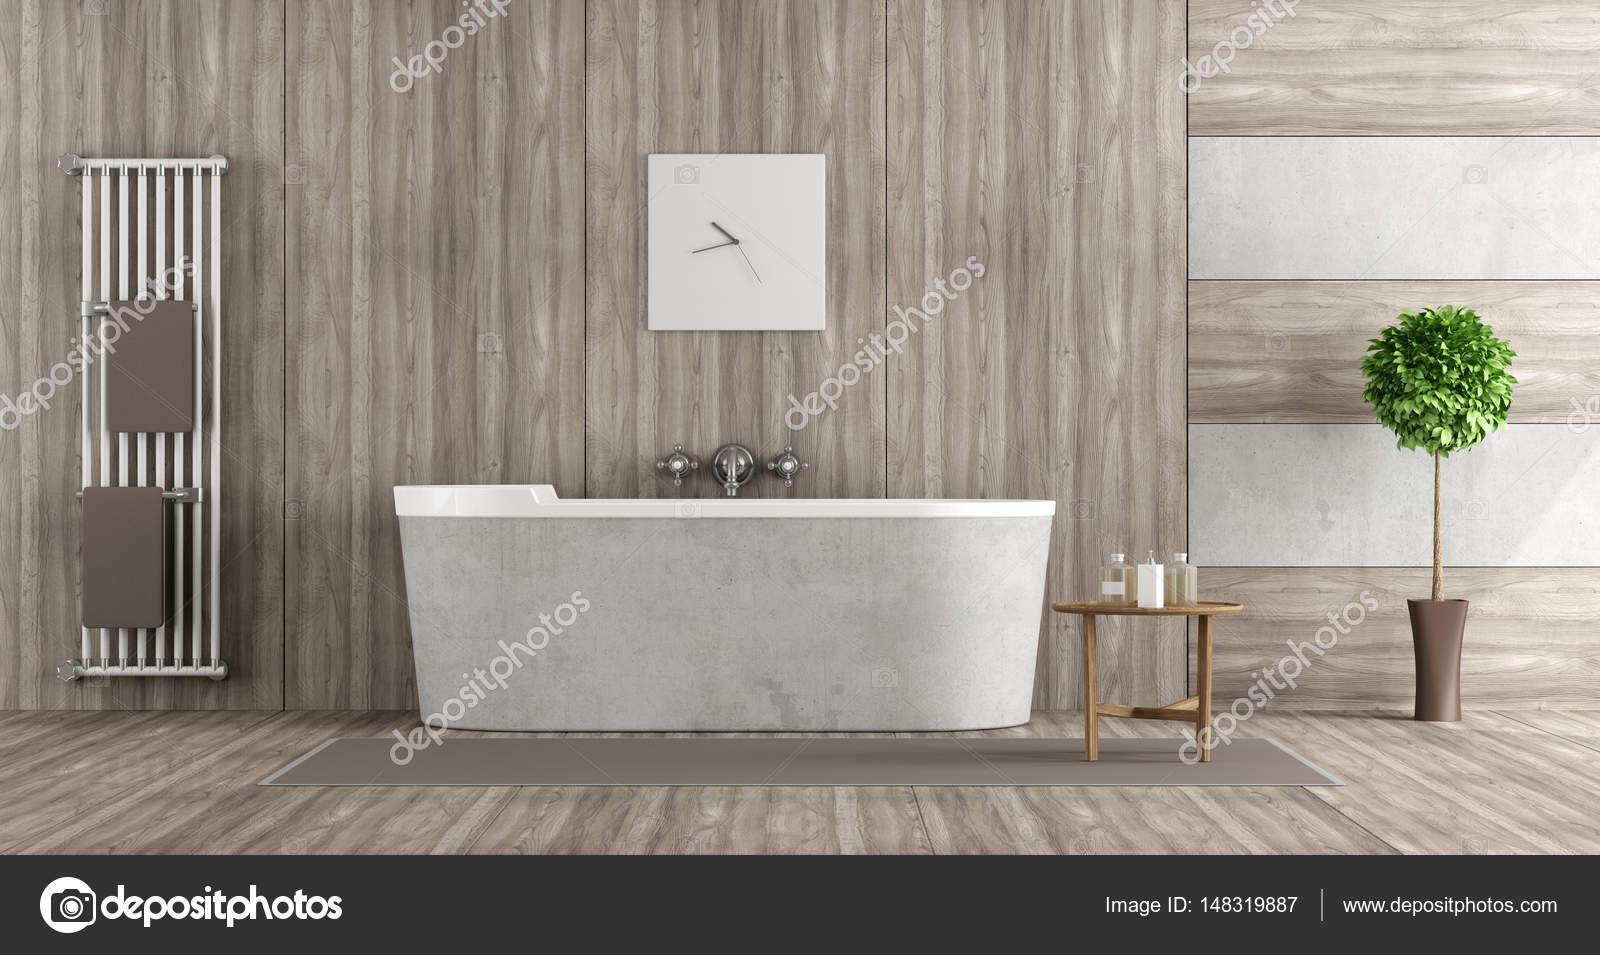 Vasca da bagno in cemento perfect il pavimento in legno - Vasca da bagno in cemento ...